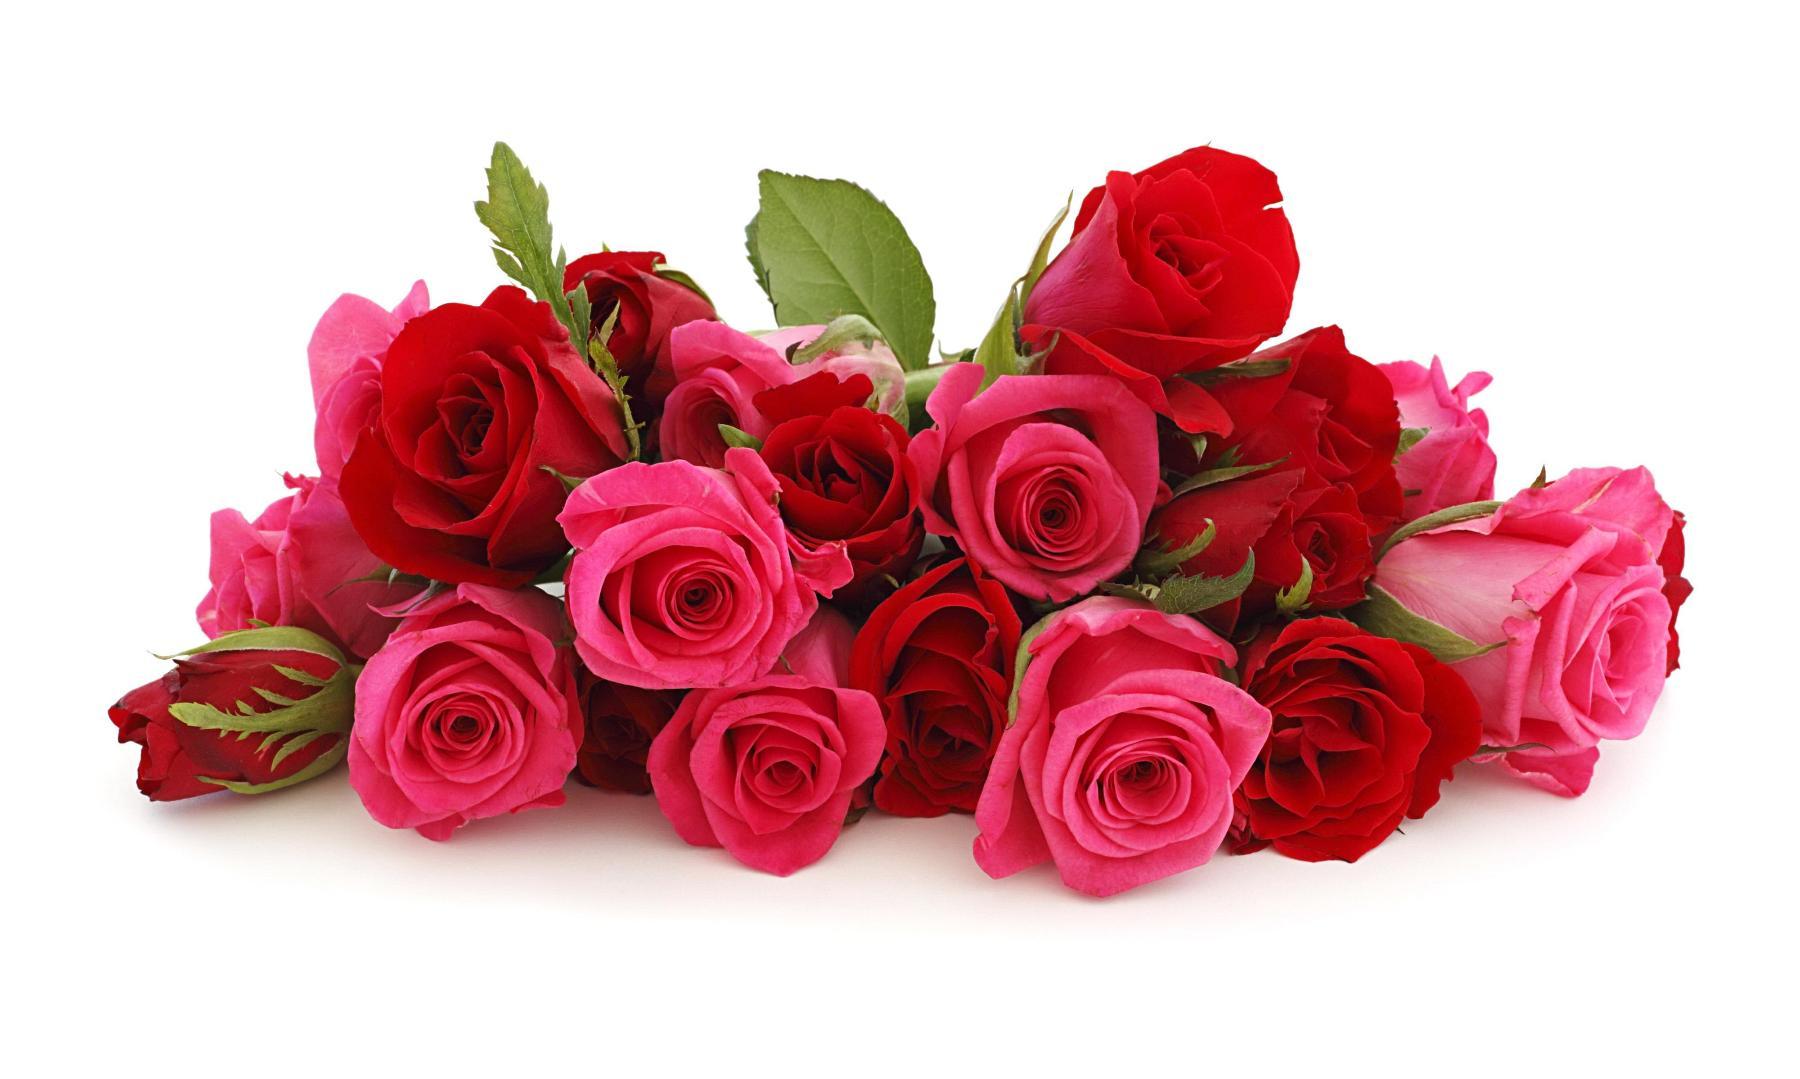 Букеты роз для поздравления картинки 25